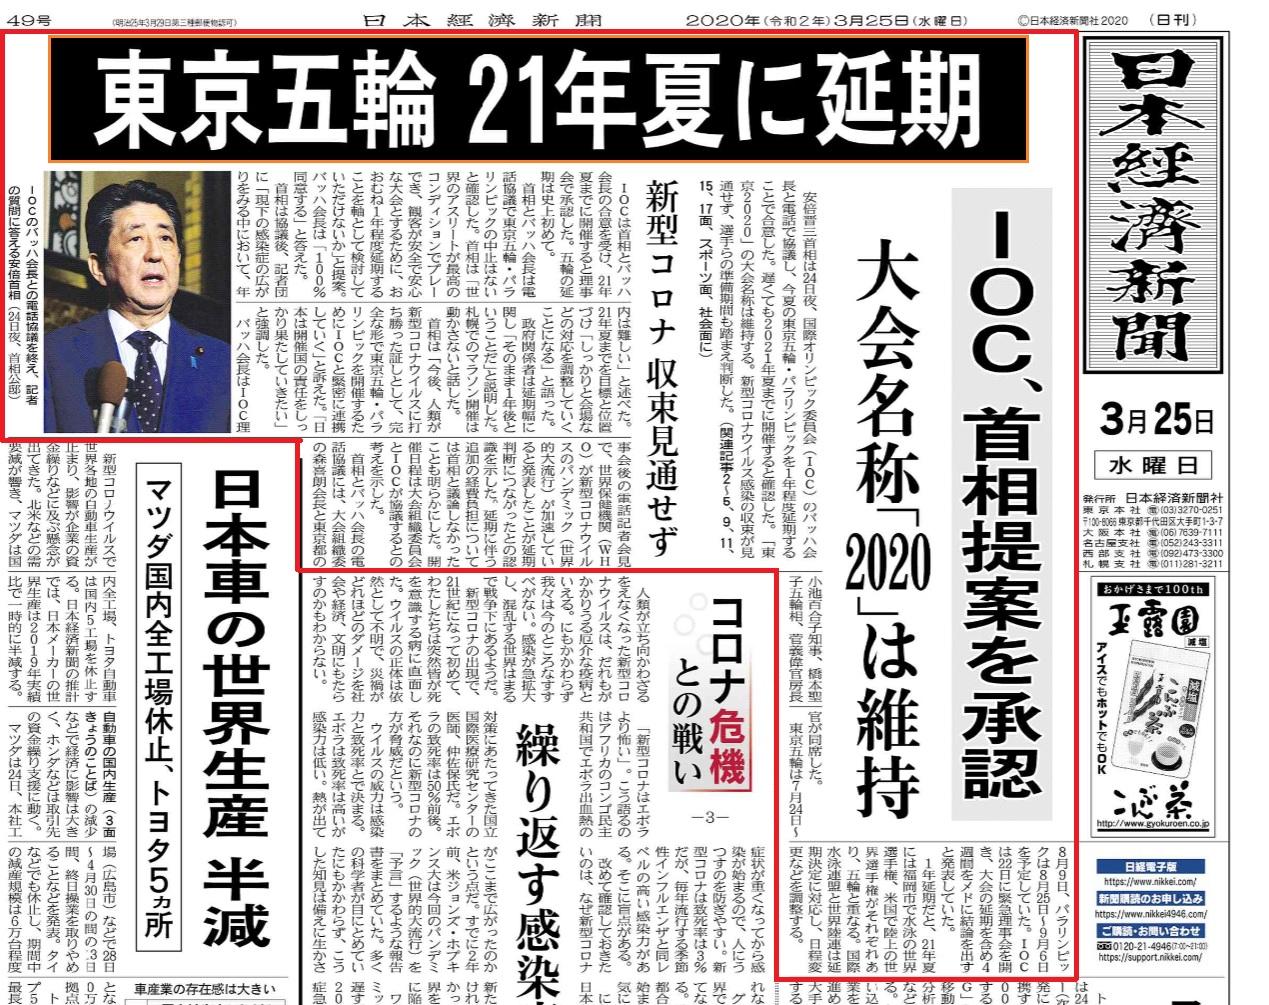 東京オリンピック延期-2020.03.26